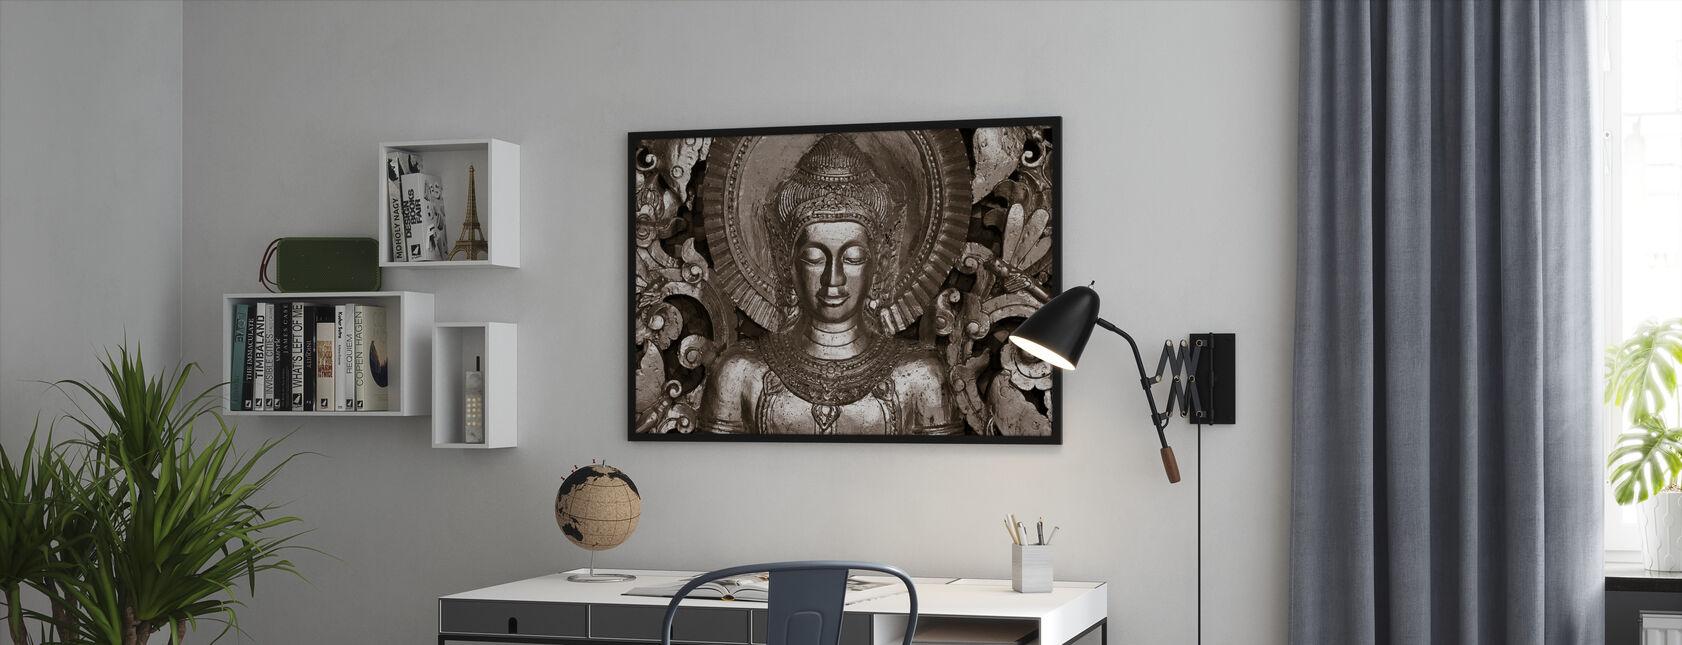 Buddha - Luang Prabang - Sepia - Inramad tavla - Kontor